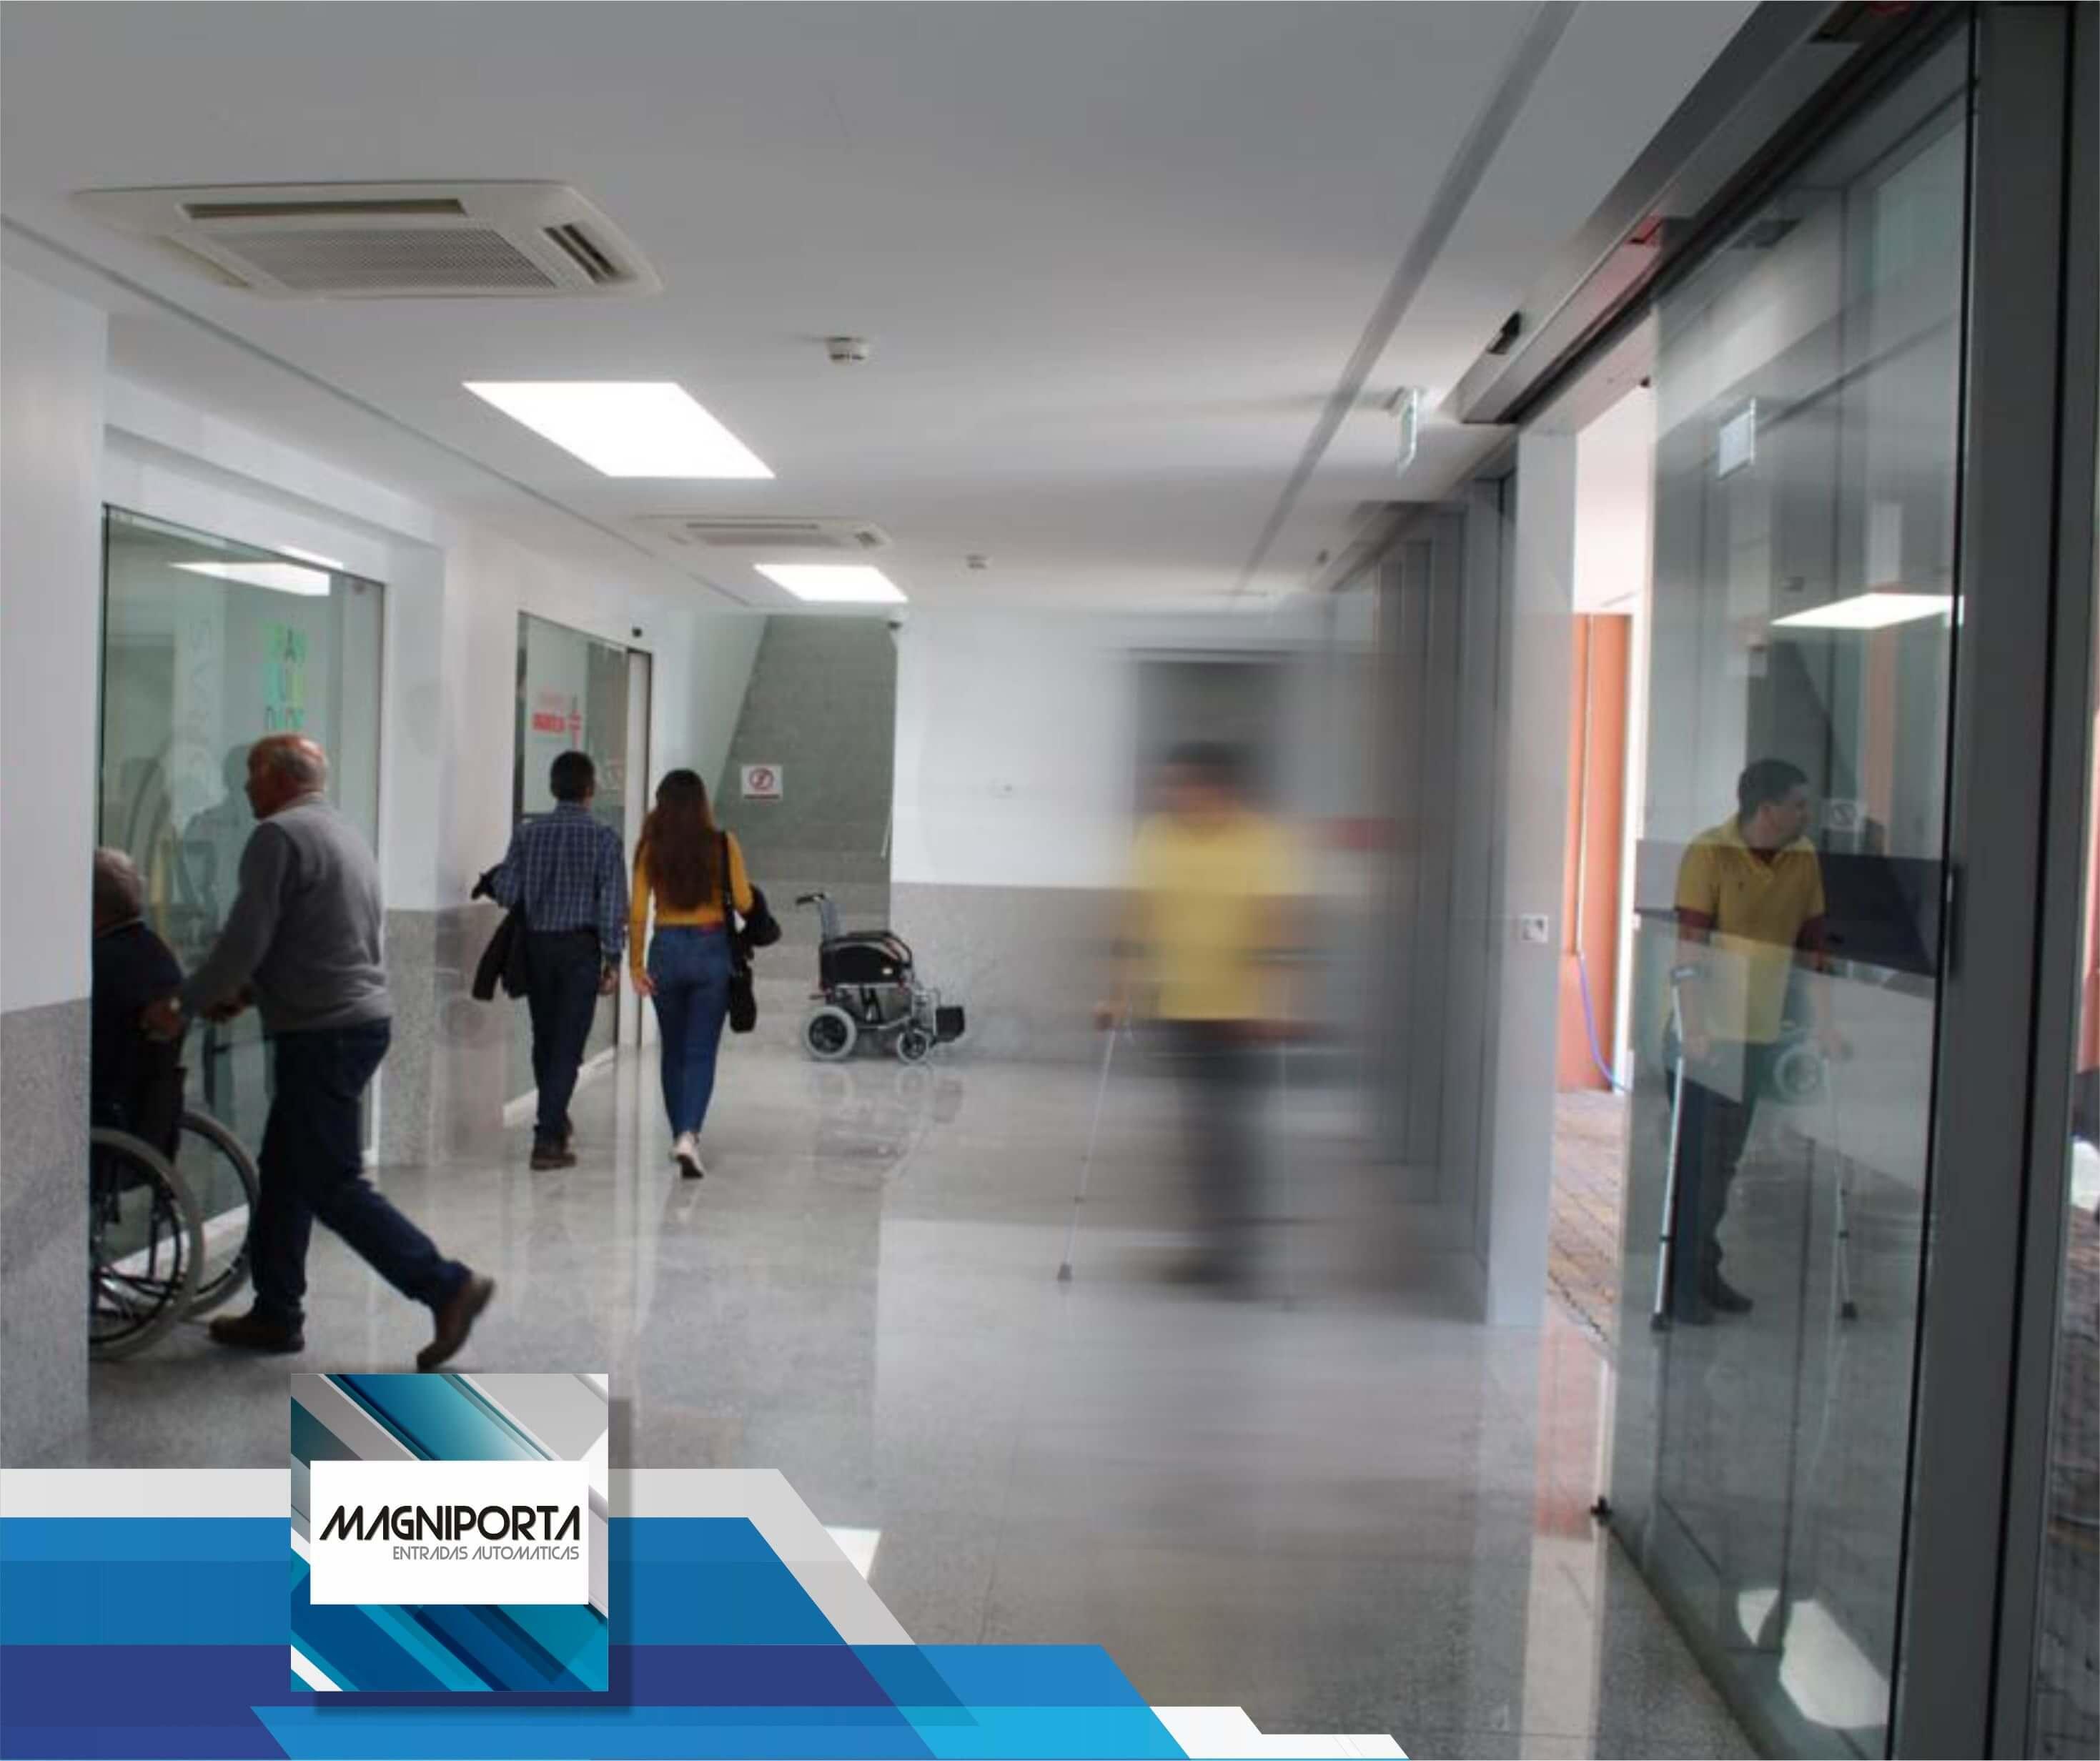 Portas Automaticas Magniporta Clinicas e Hospitais